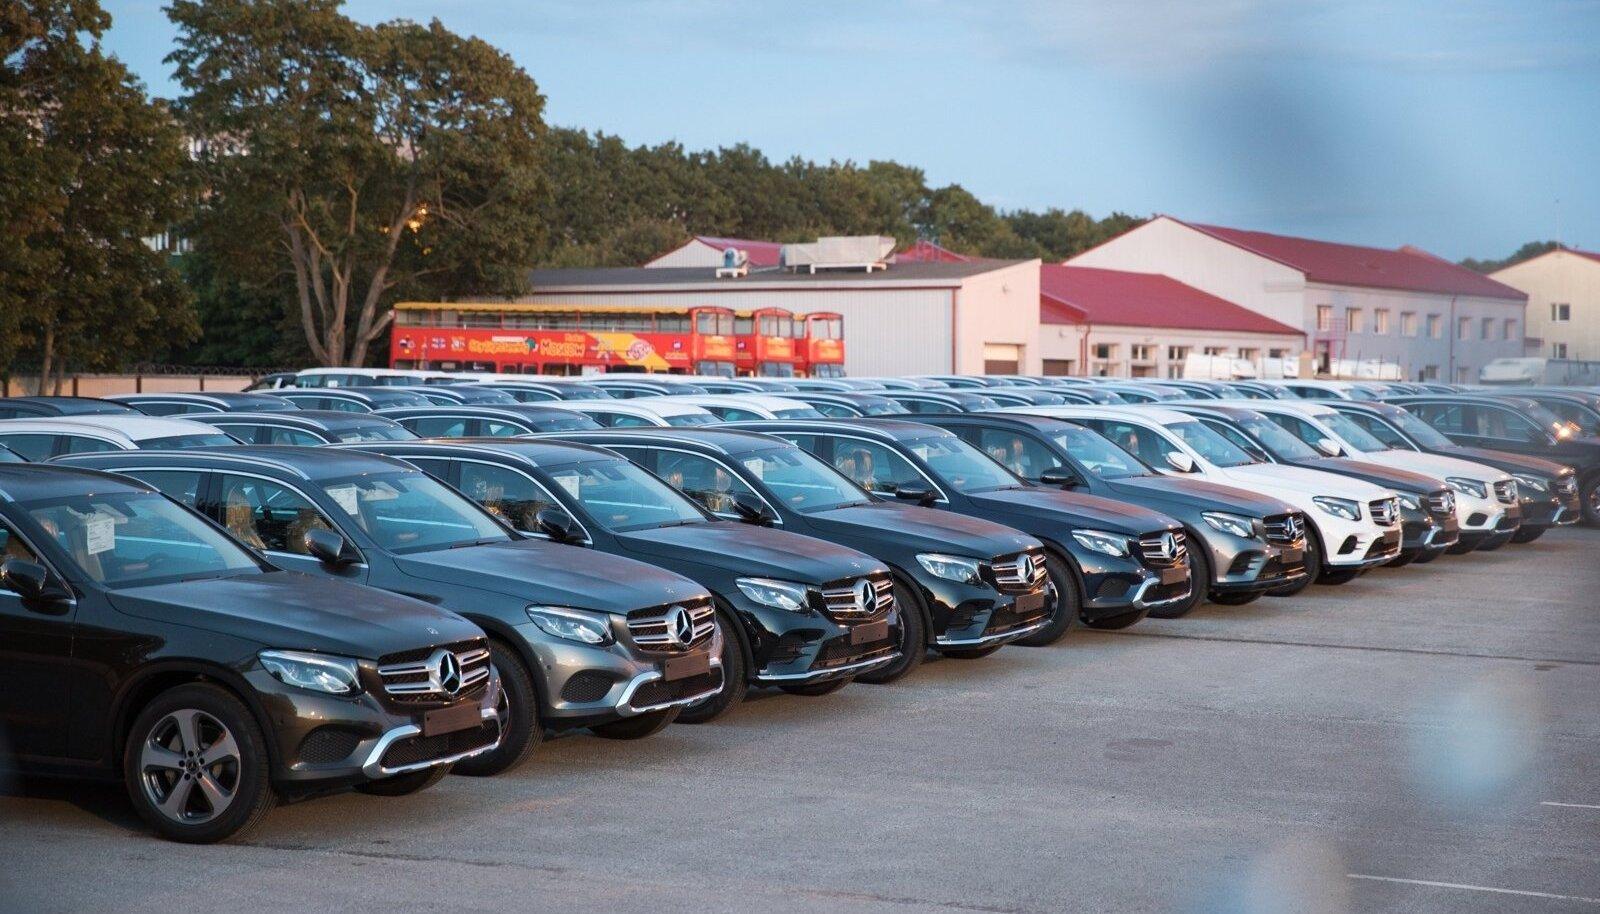 Müügiks valmis olevad autod